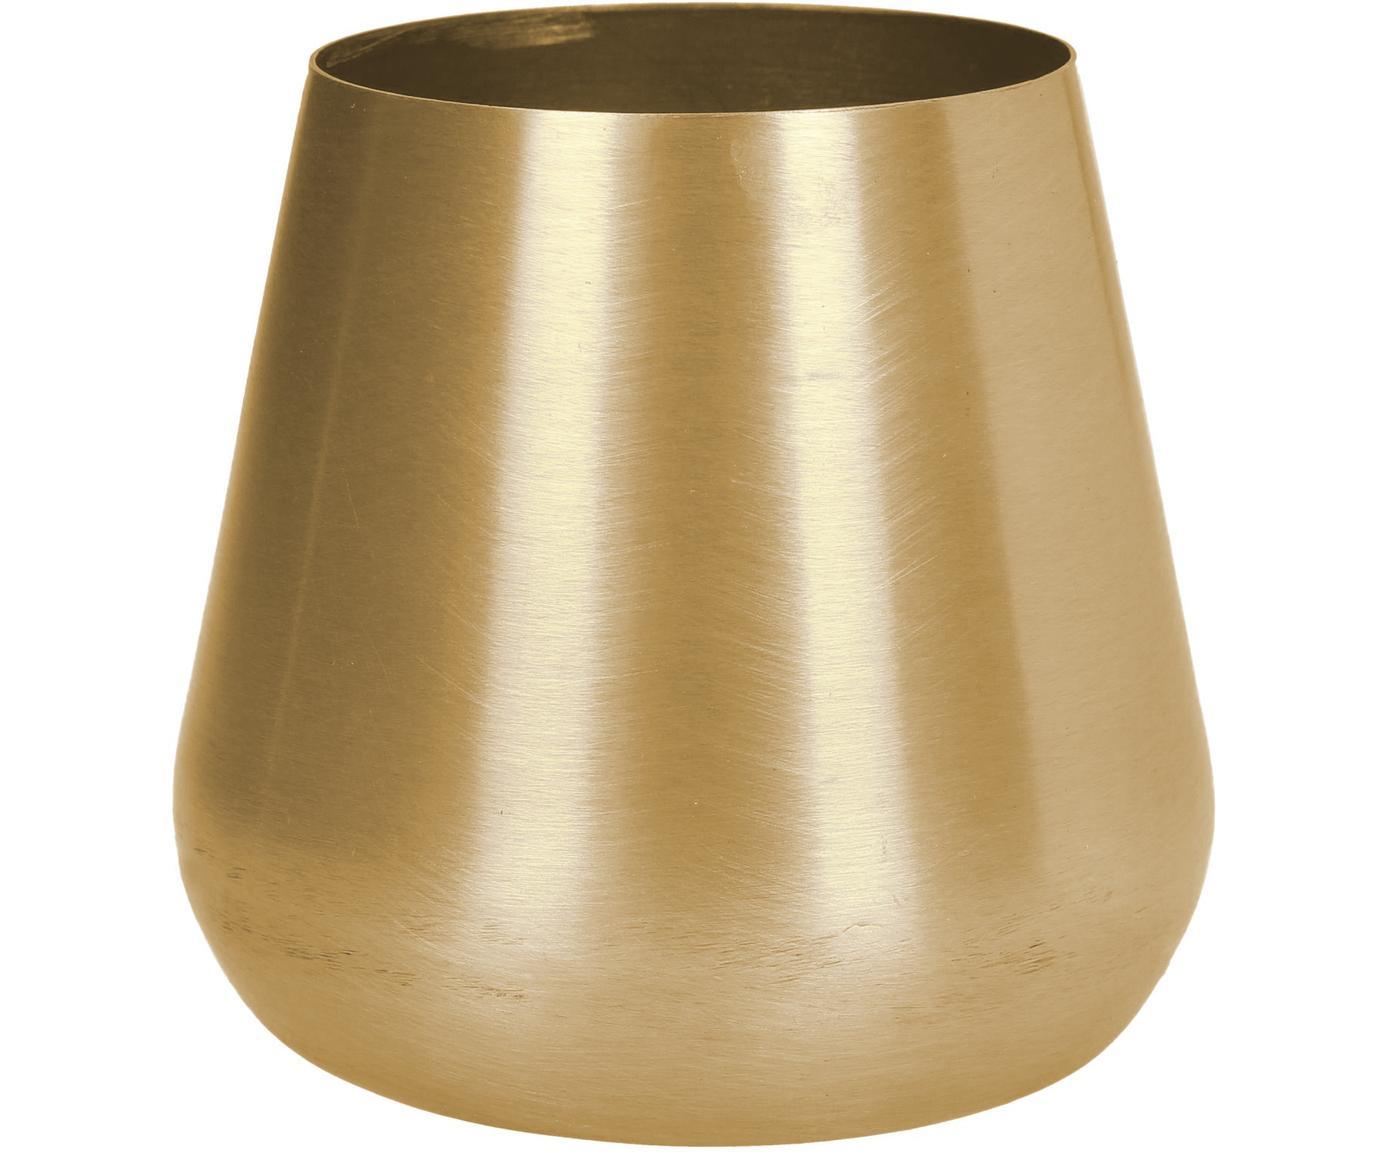 Mały wazon dekoracyjny z metalu Simply, Metal powlekany i niewodoodporny, Odcienie mosiądzu, Ø 10 x W 9 cm